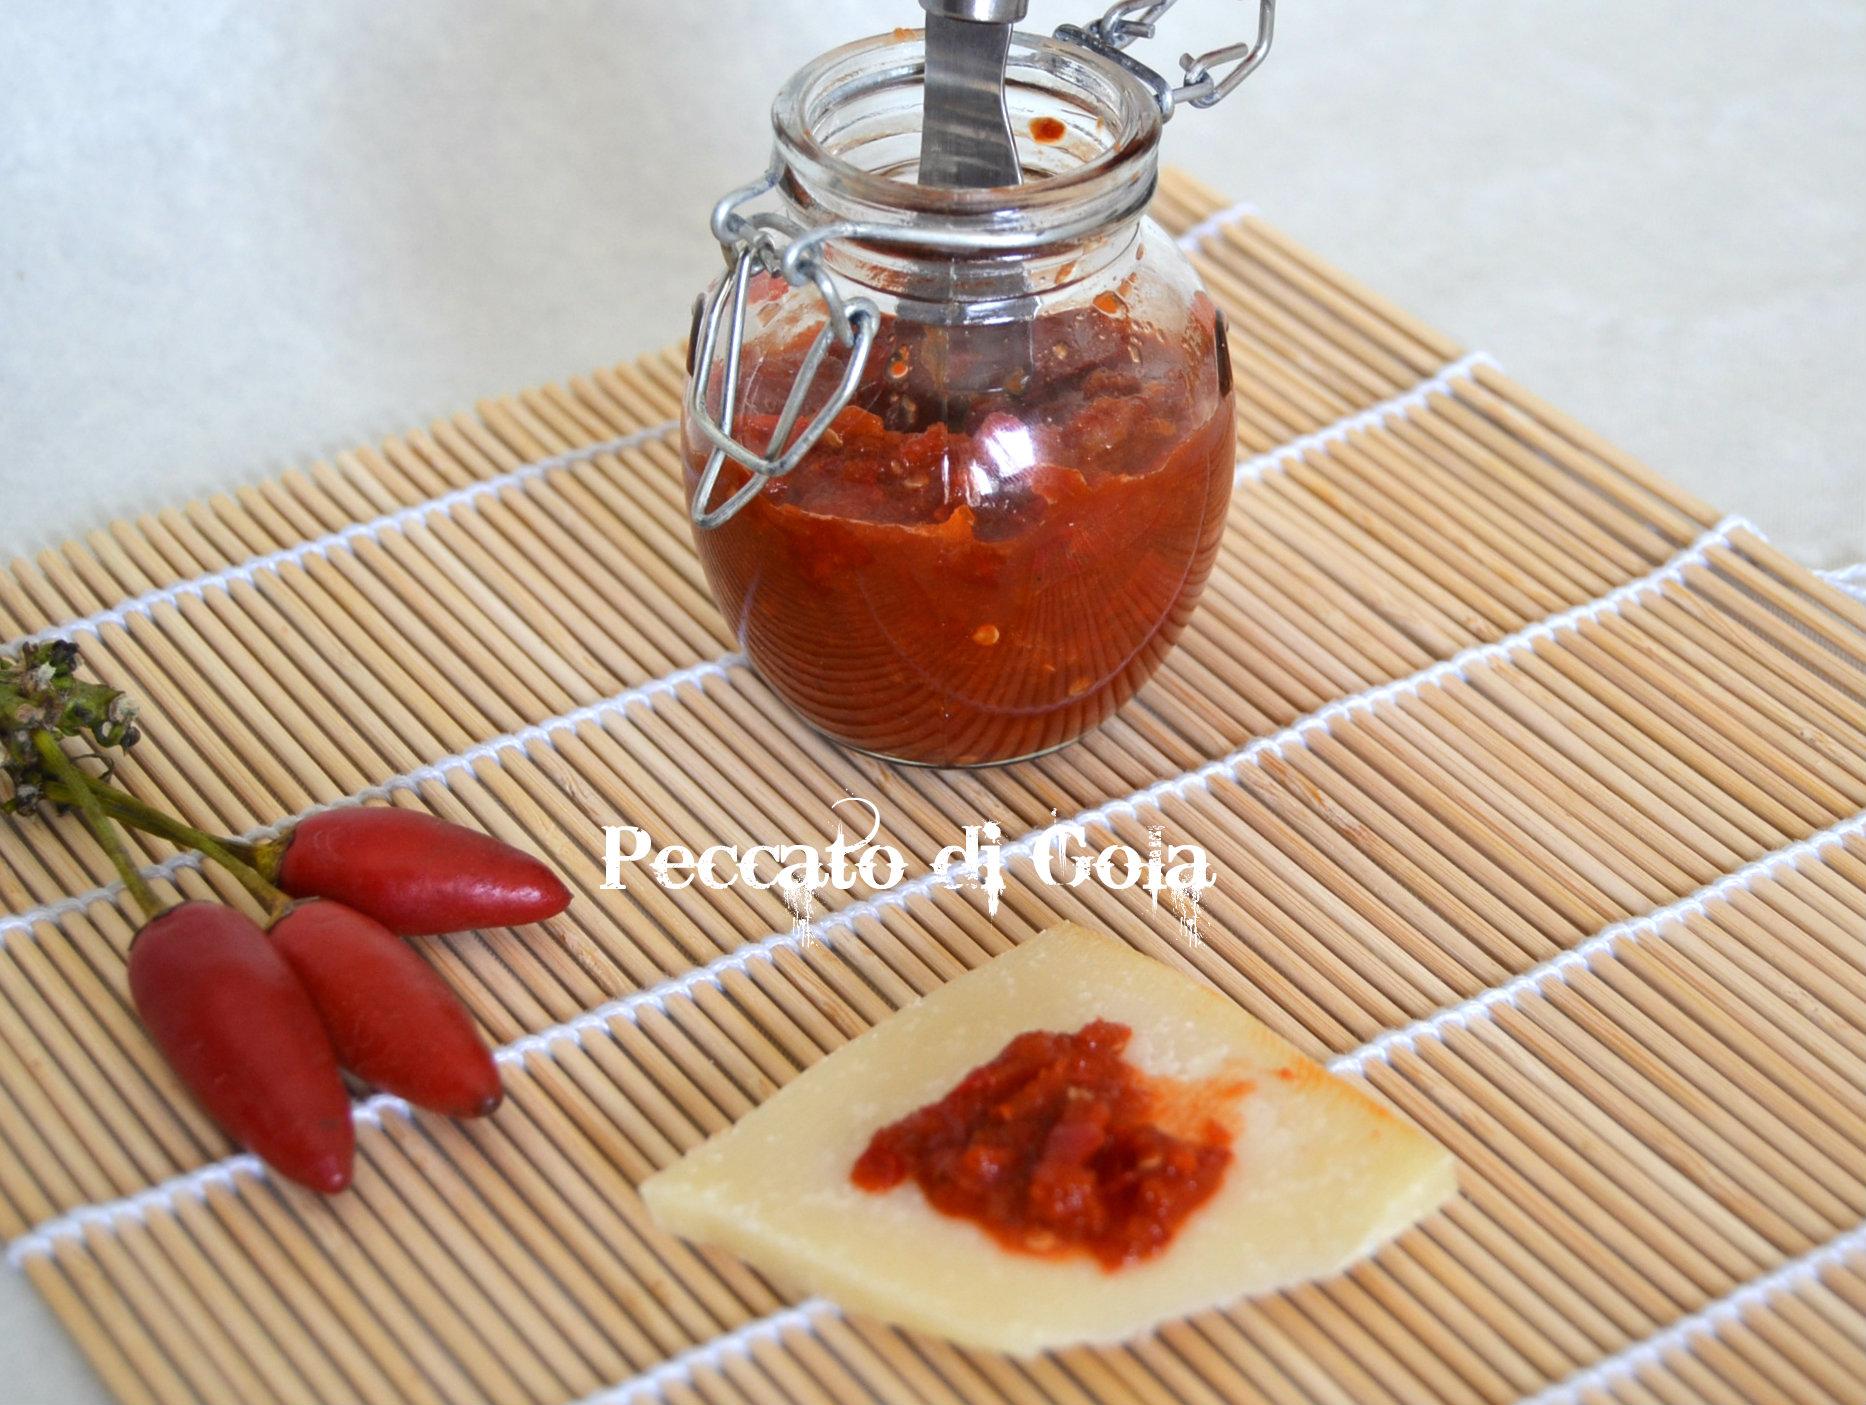 marmellata di peperoncini piccanti, peccato di gola